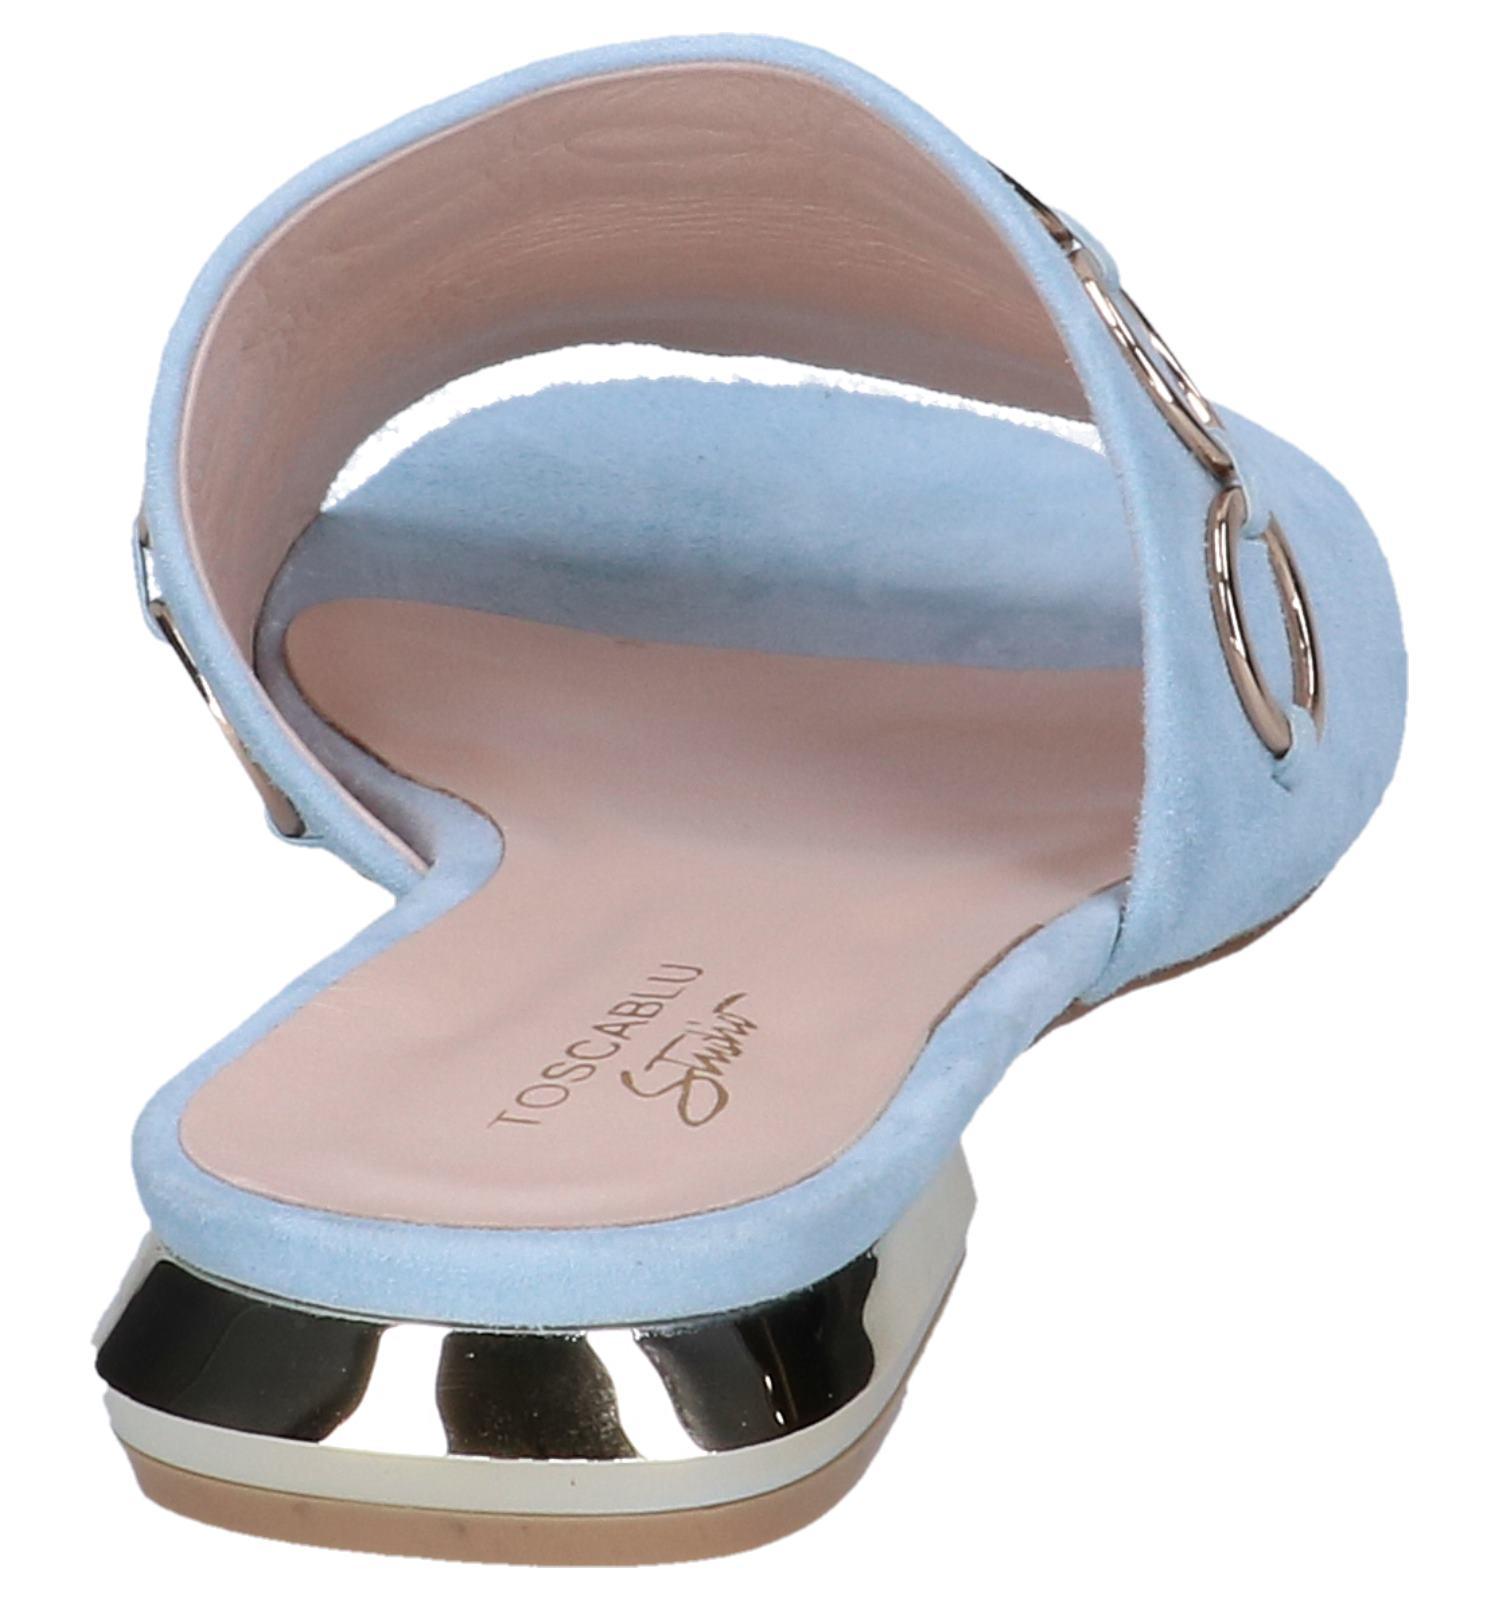 Pastelblauwe Pastelblauwe Blu Tosca Blu Tosca Muiltjes Muiltjes q54Aj3RL